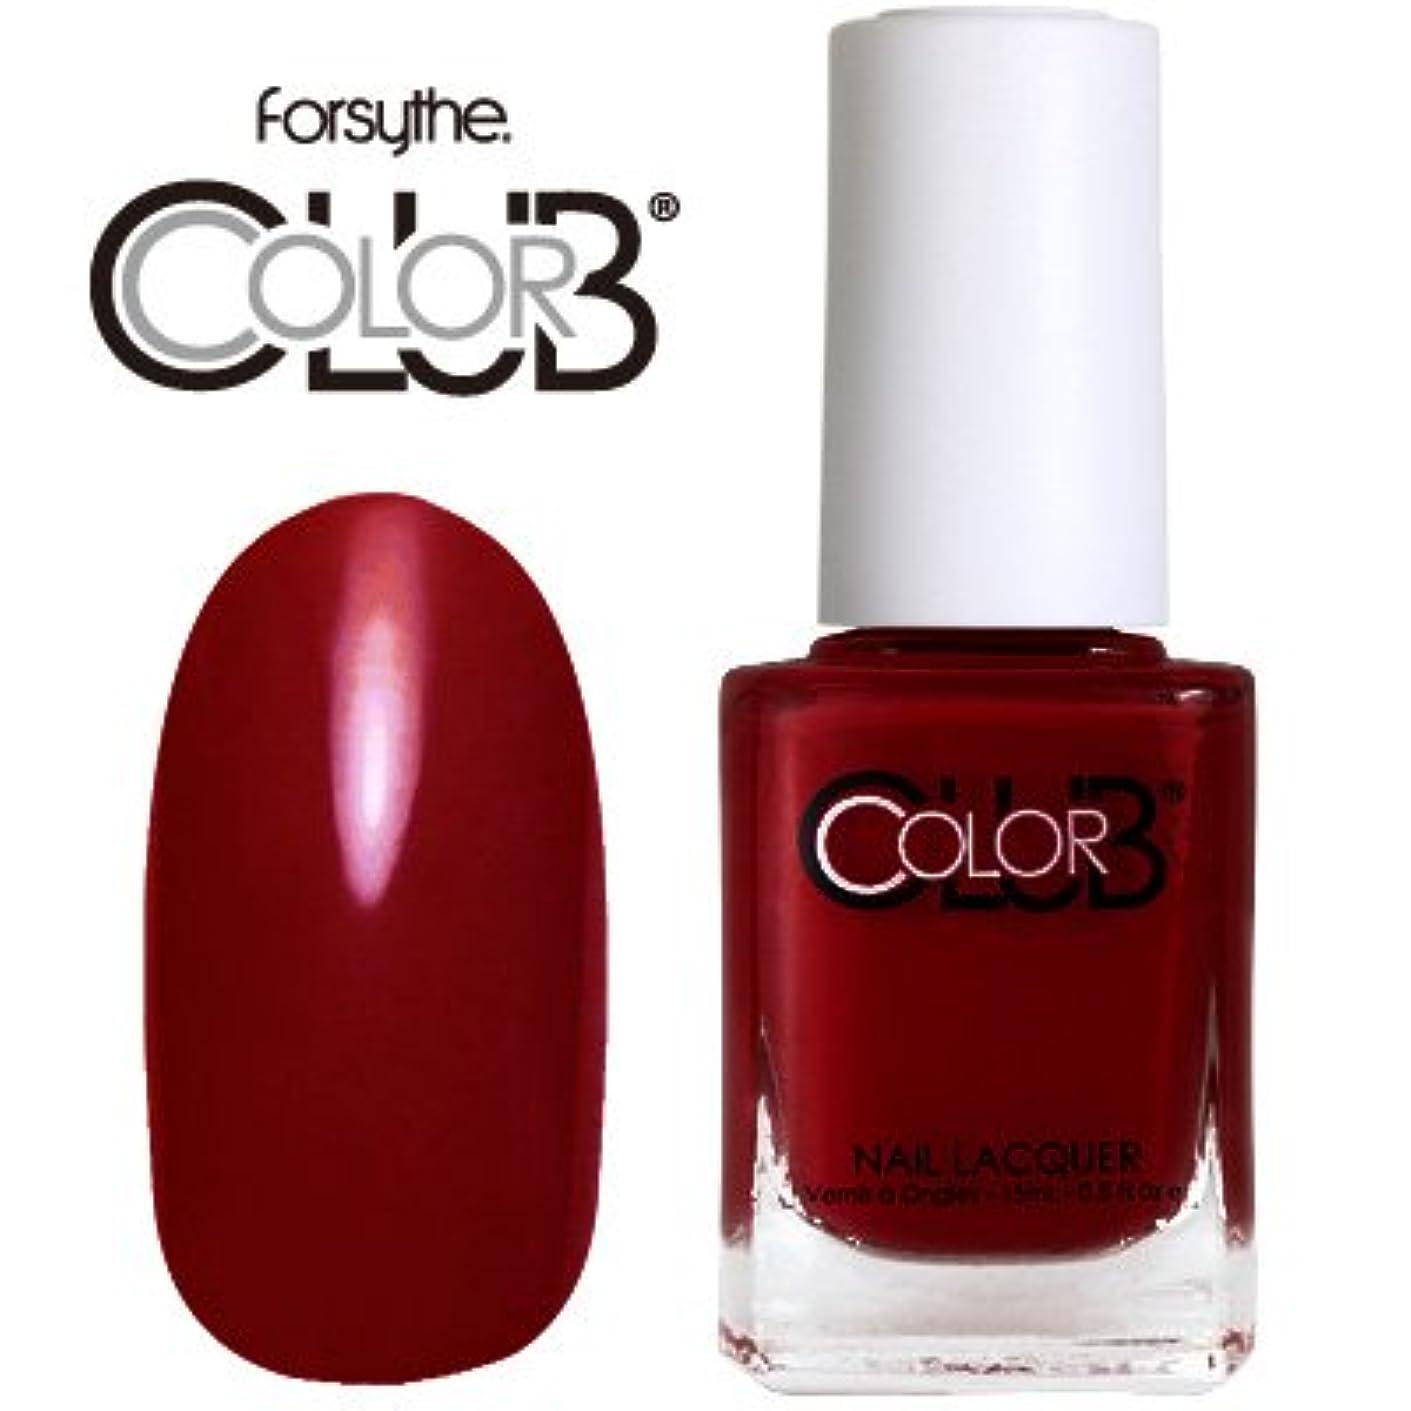 指標式またはどちらかフォーサイス カラークラブ 920/Red-ical Gypsy 【forsythe COLOR CLUB】【ネイルラッカー】【マニキュア】